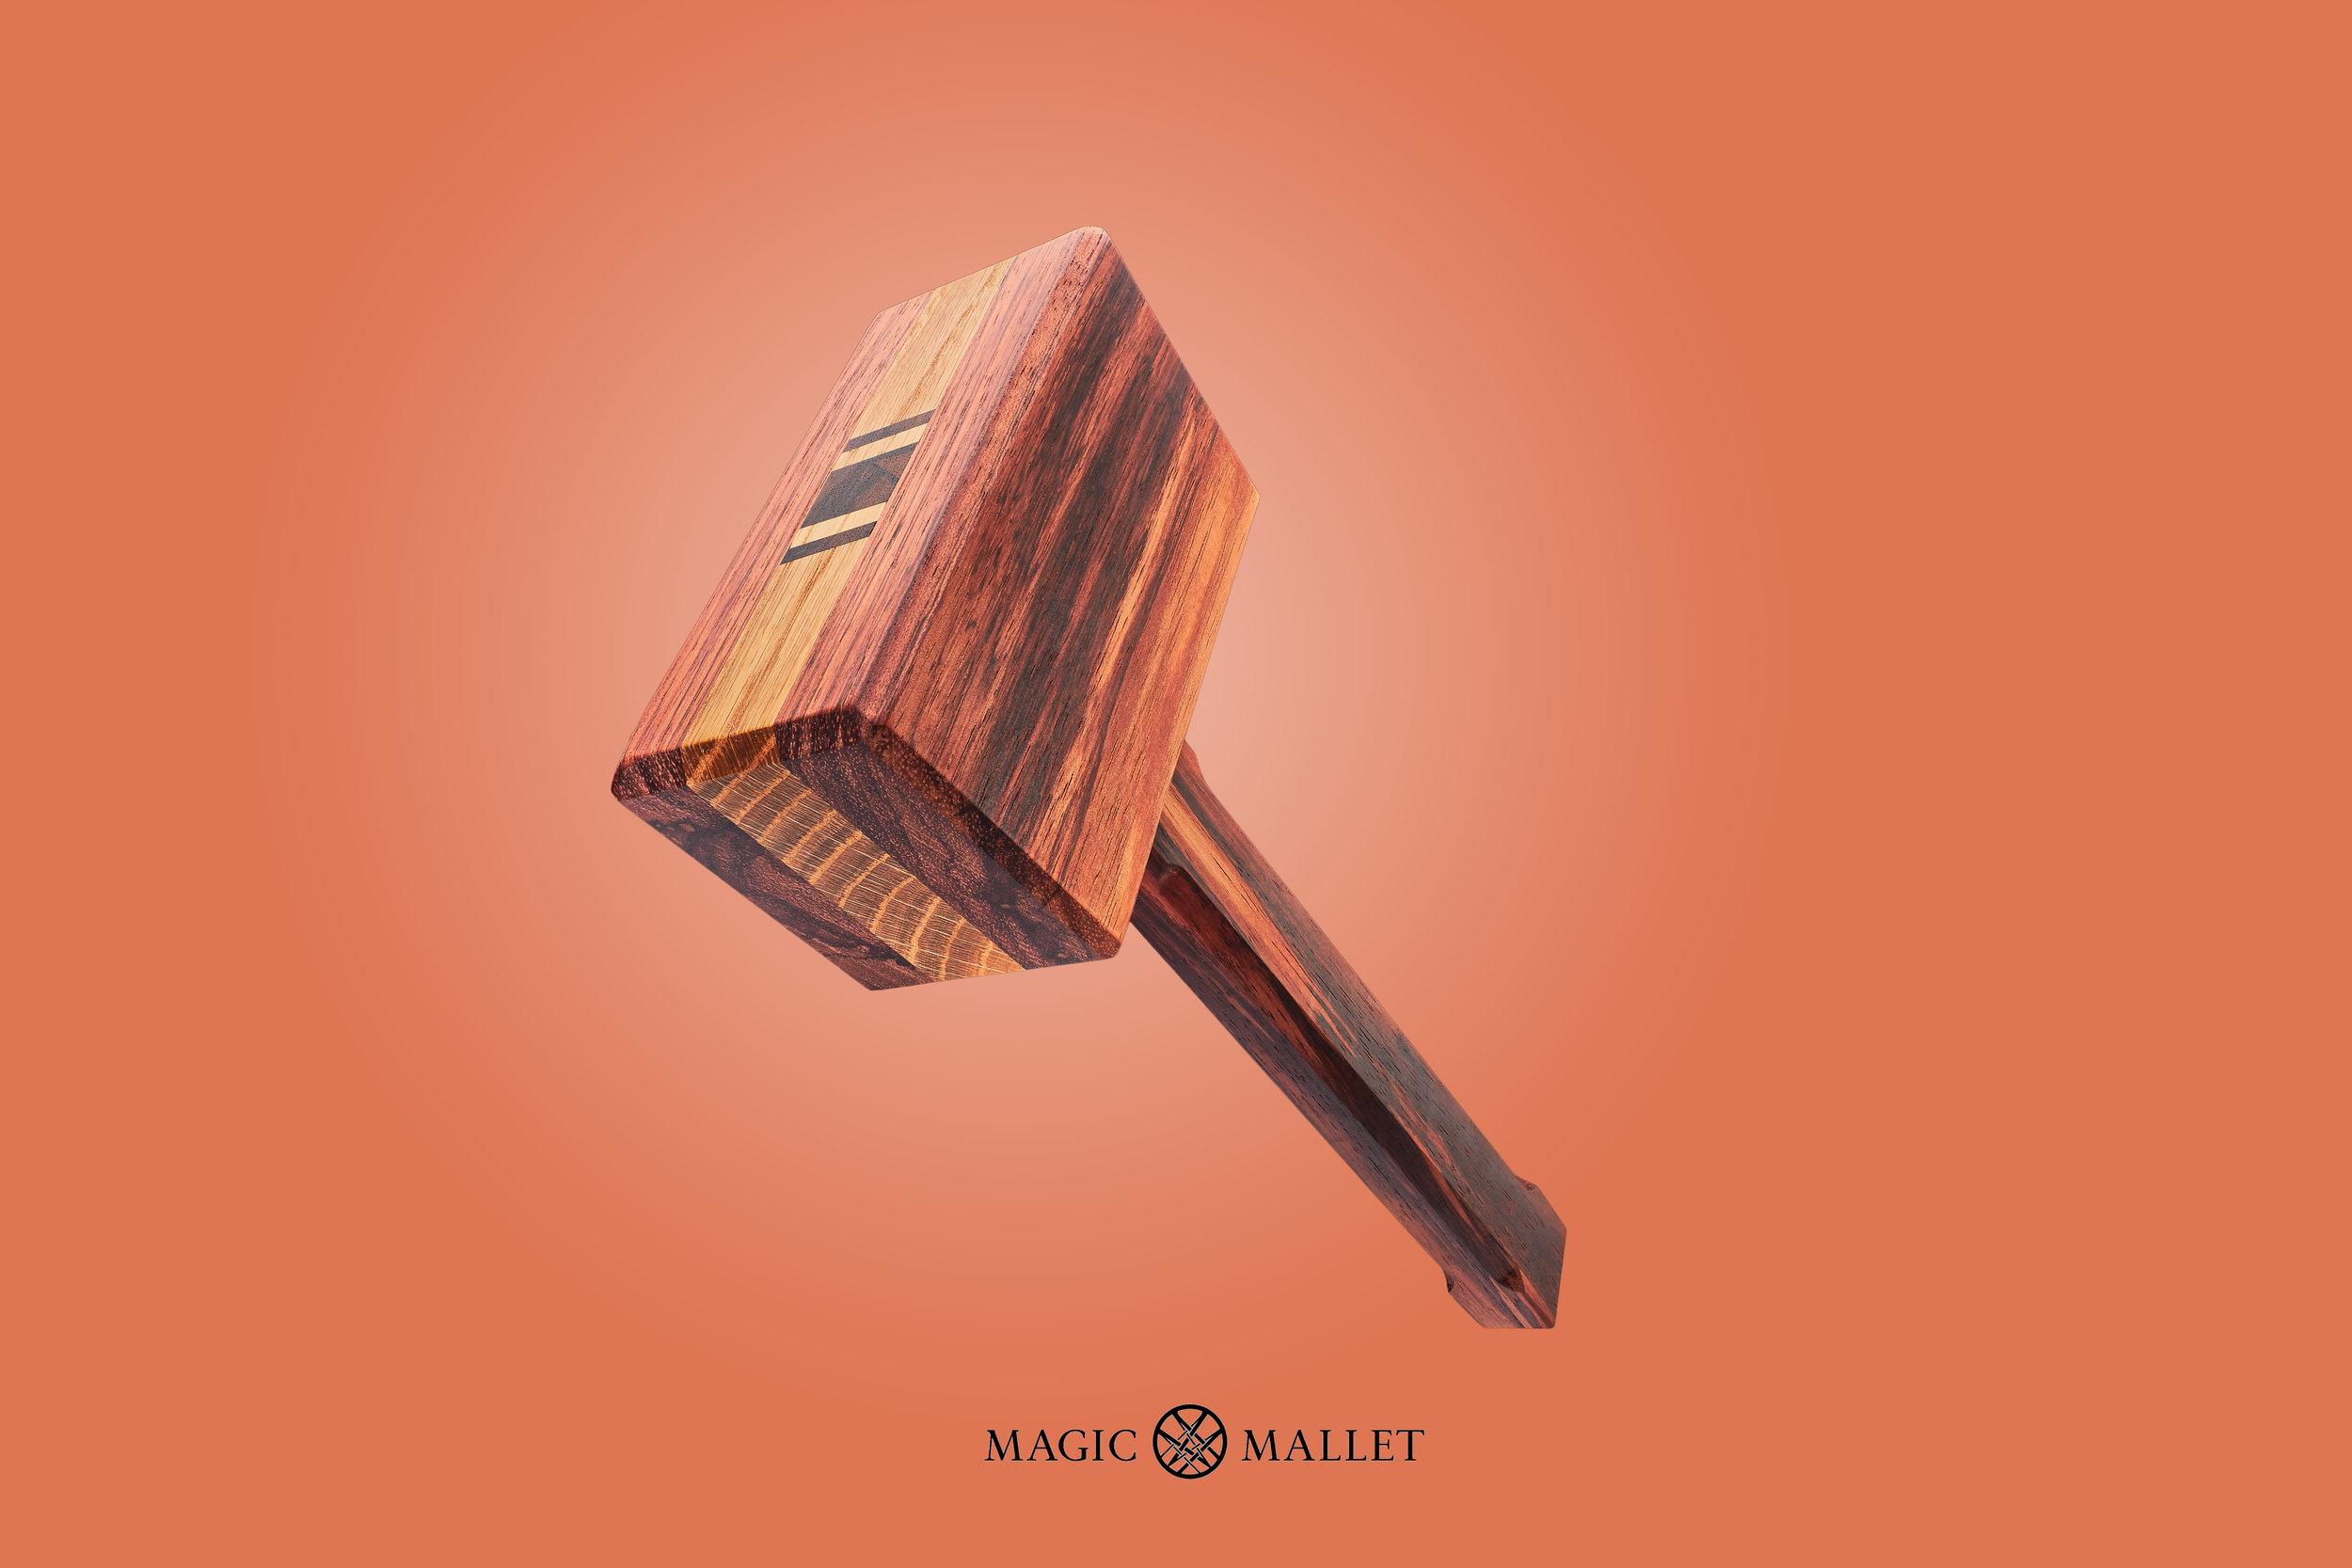 Magic_Mallet_Hero_2018-05-25 13-17-07 (A,Radius8,Smoothing4).jpg